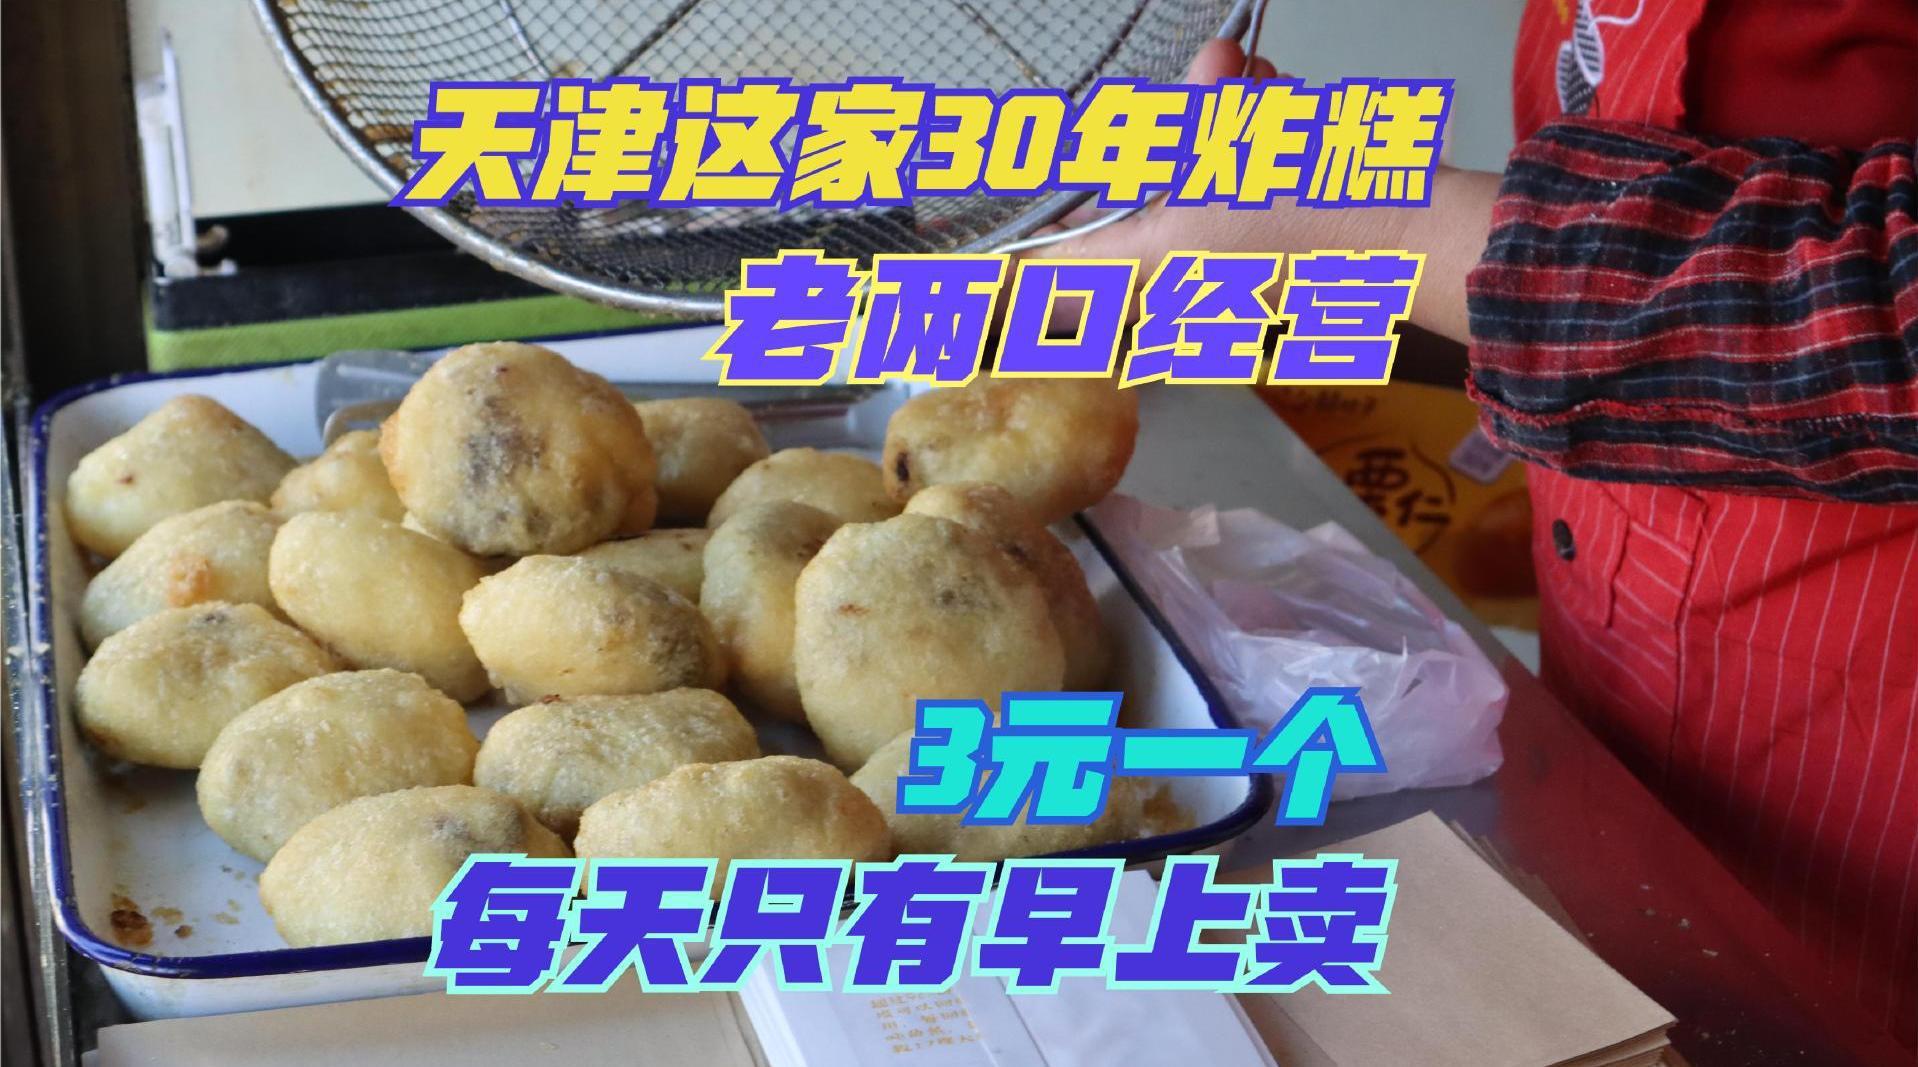 天津30年炸糕店,老两口经营,每天只卖一早上,炸糕3元一个